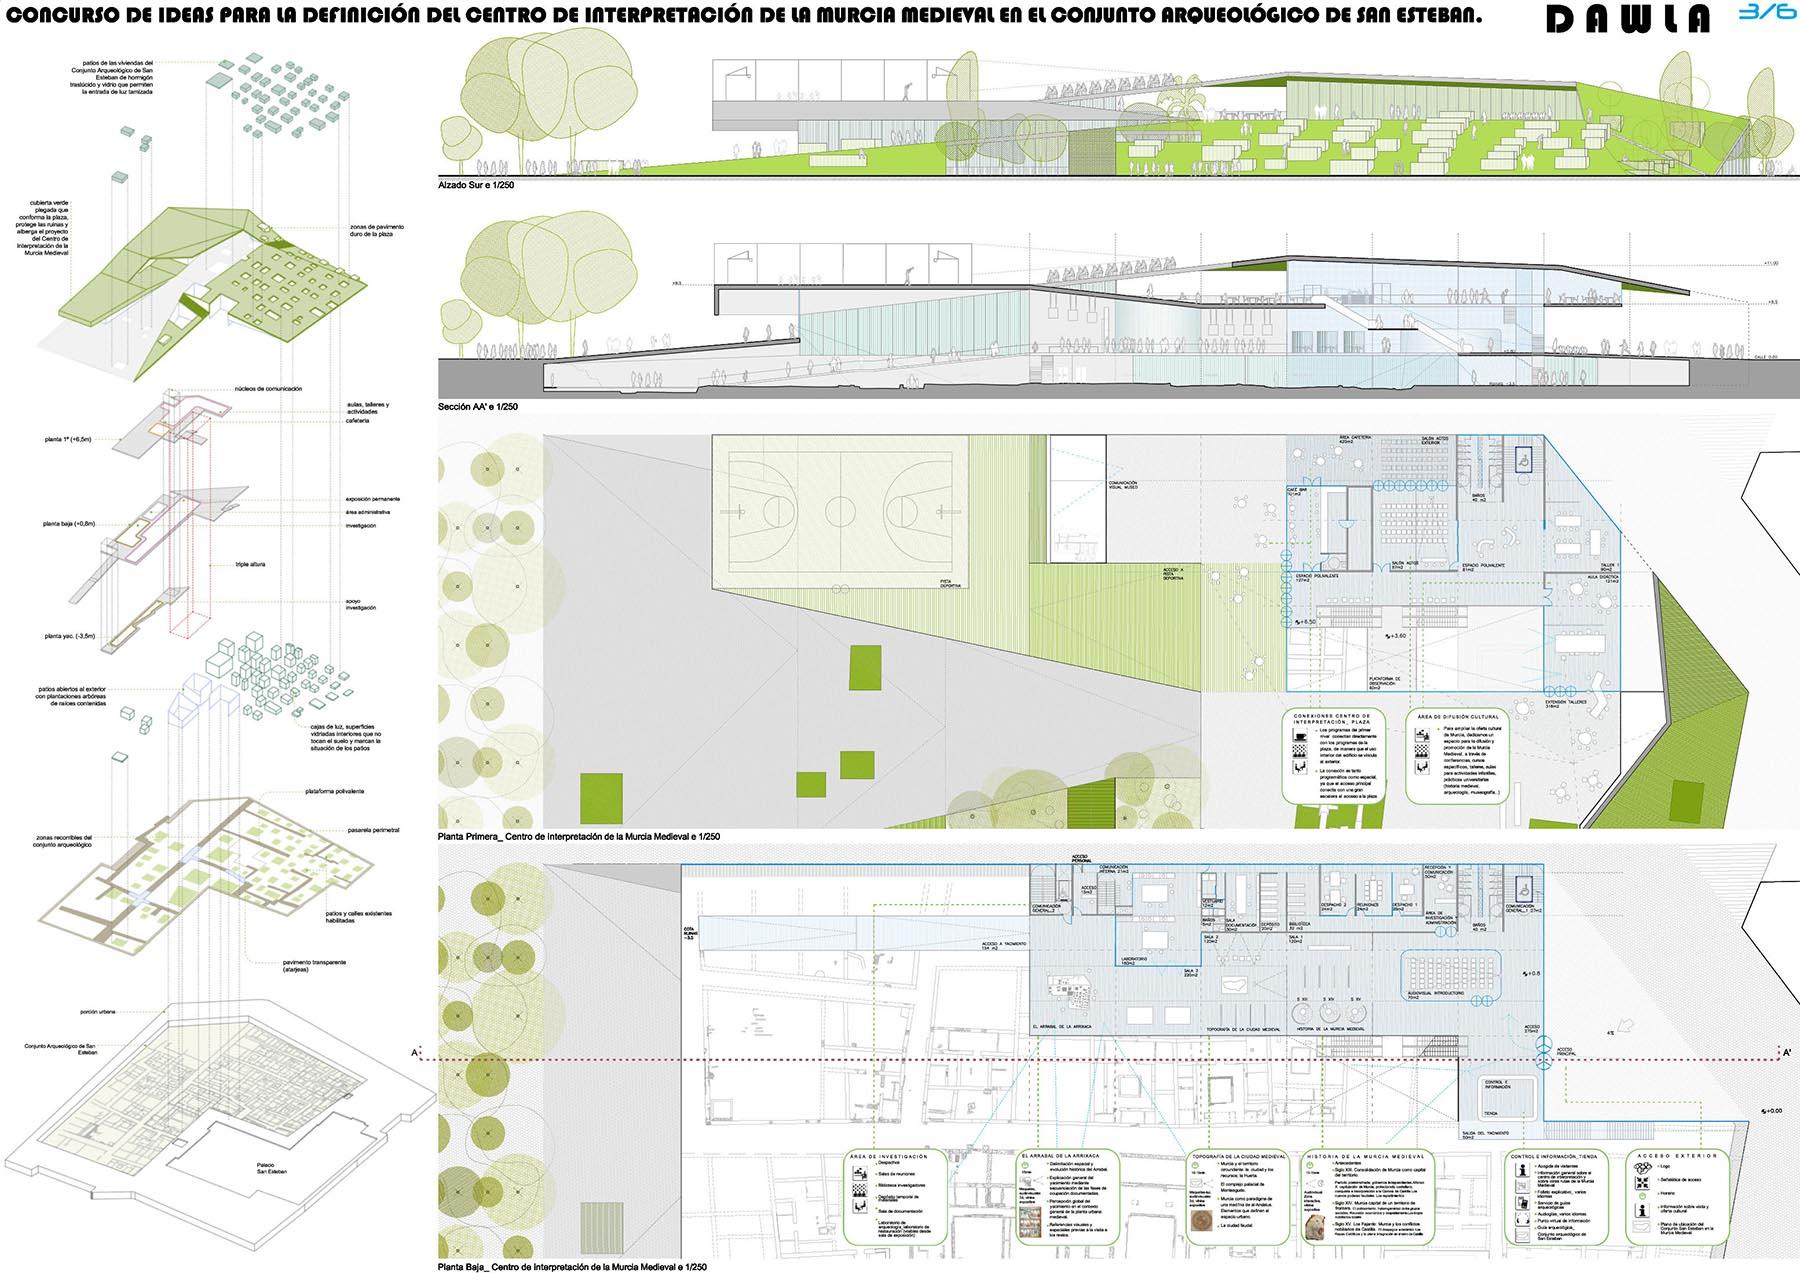 Martin lejarraga arquitecto centro de interpretaci n - Arquitectos en murcia ...